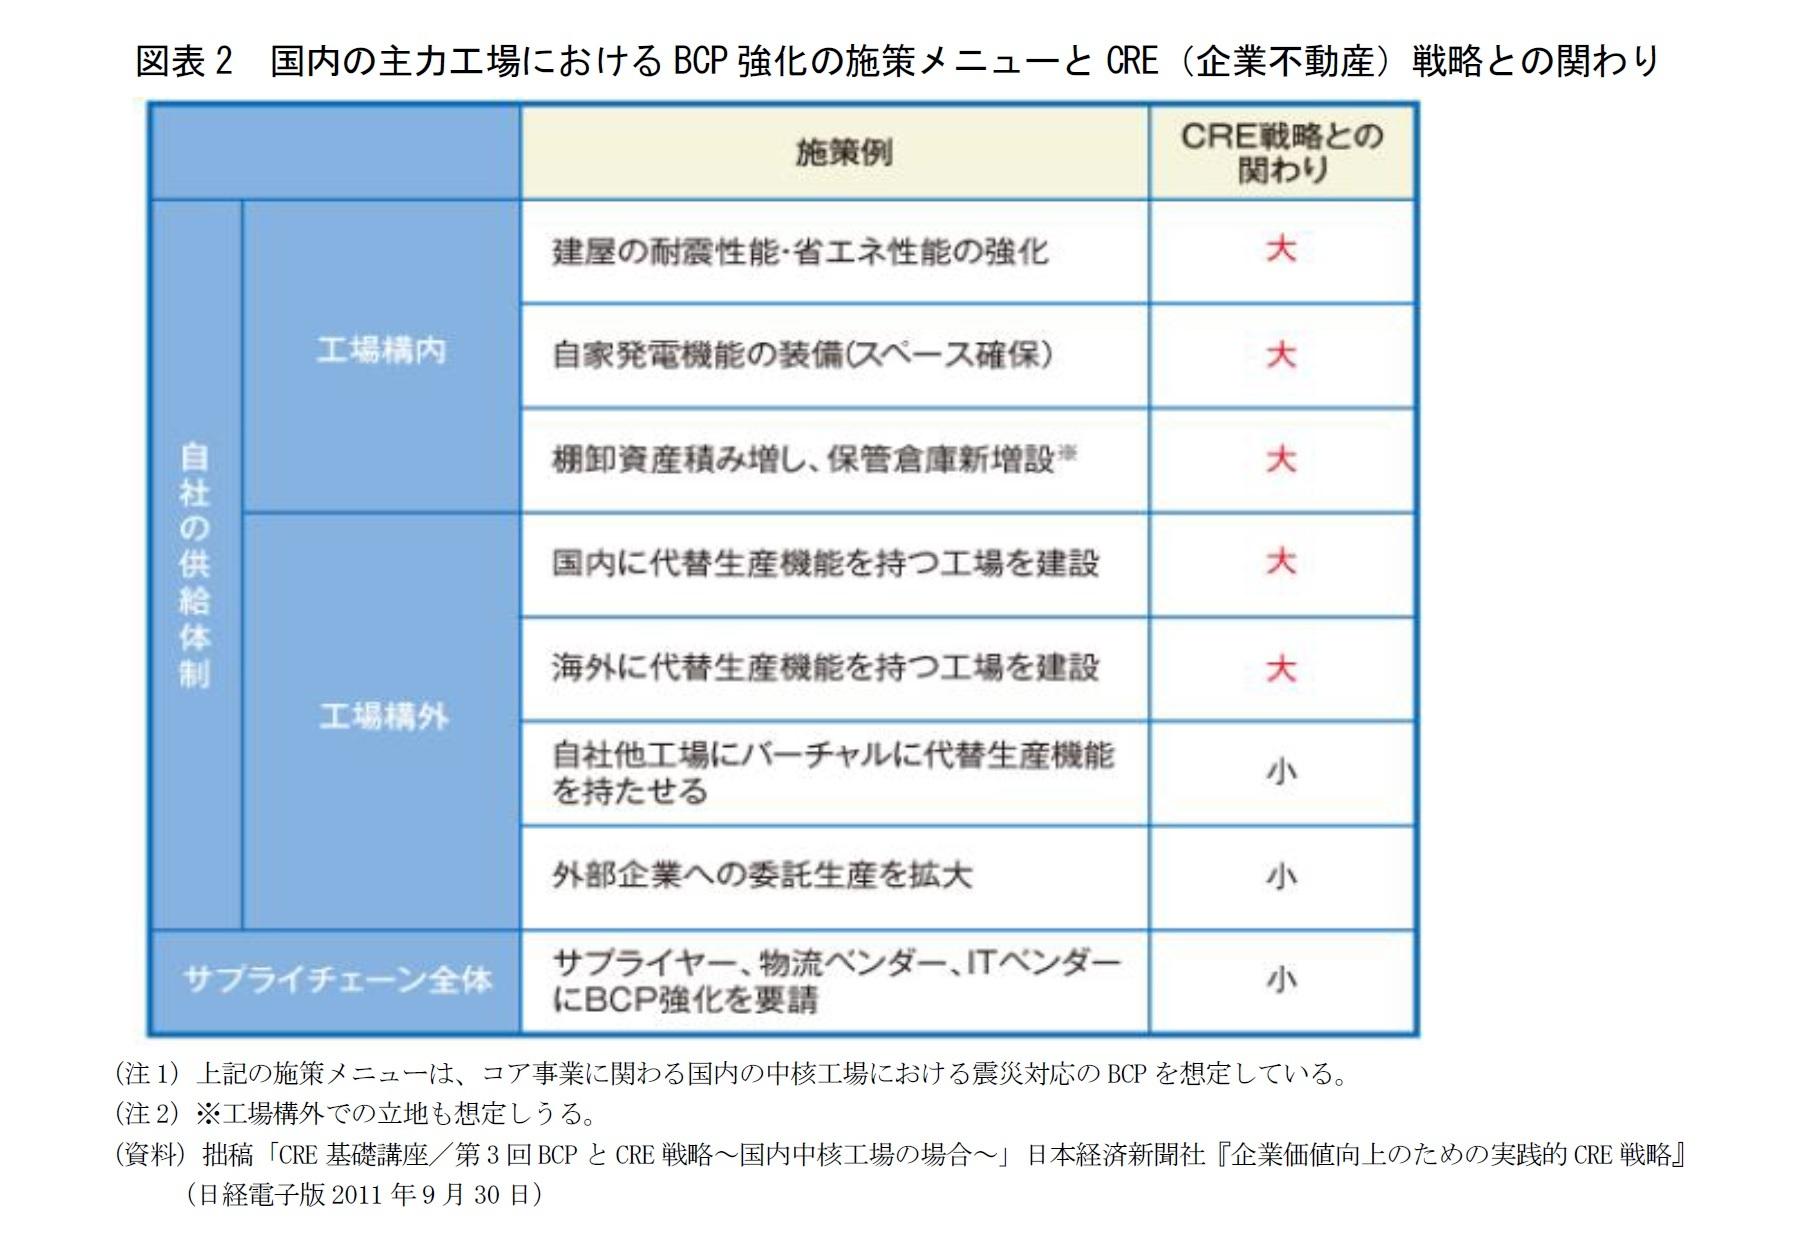 図表2 国内の主力工場におけるBCP強化の施策メニューとCRE(企業不動産)戦略との関わり